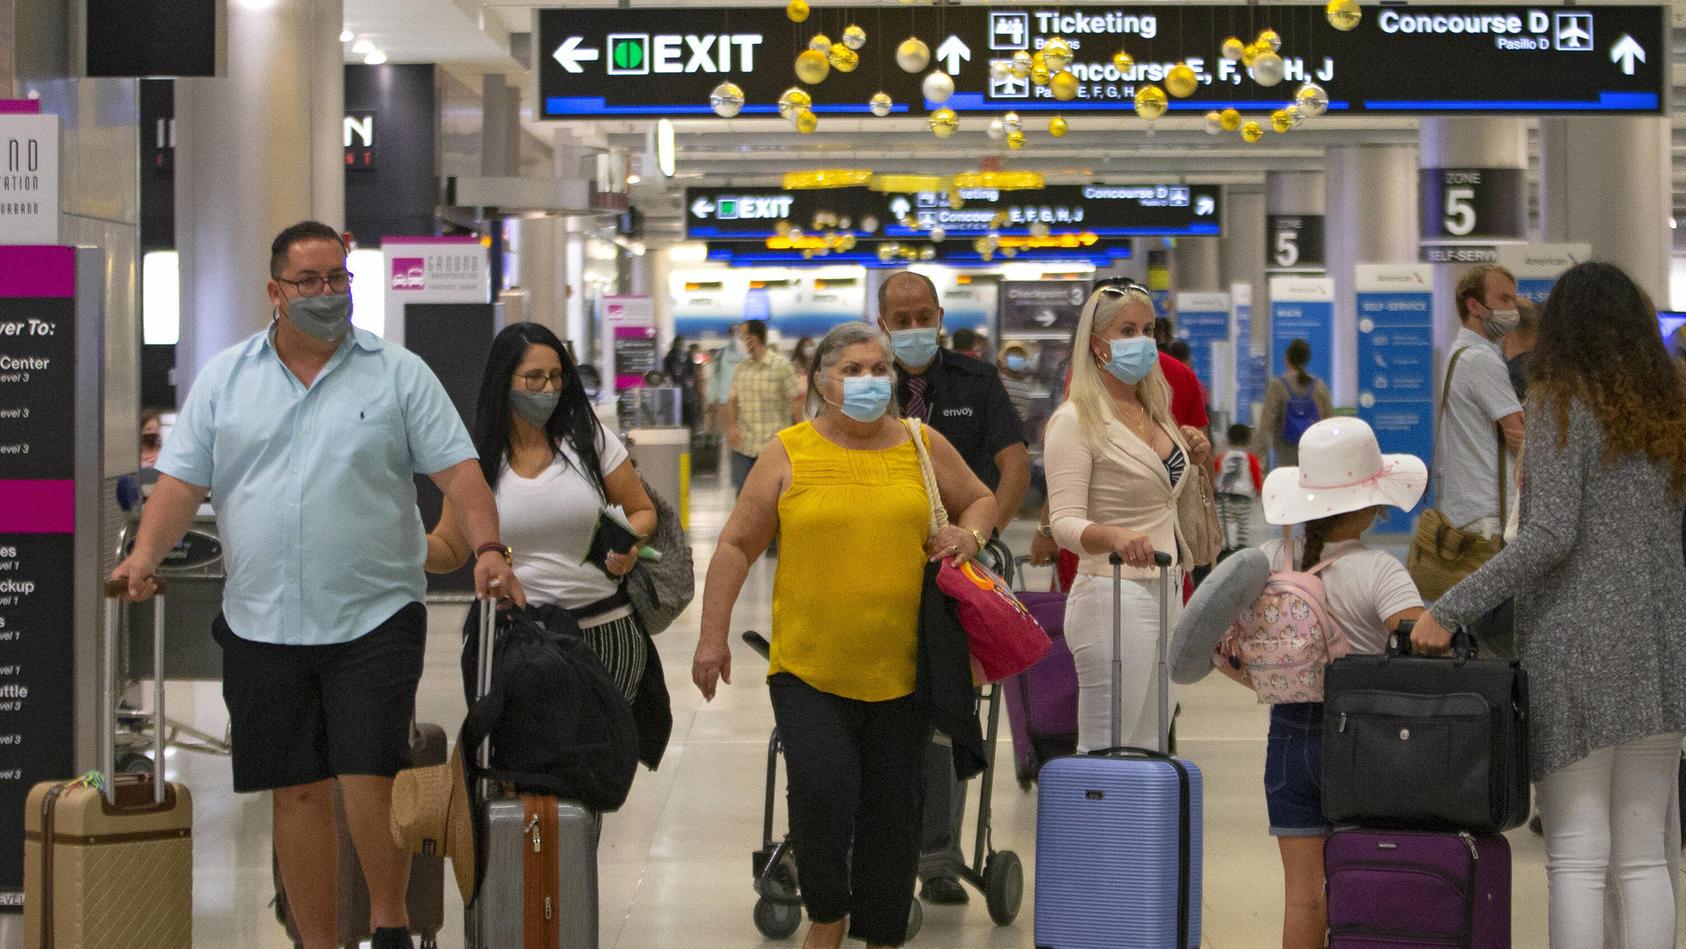 Trotz der angespannten Corona-Lage fliegen Millionen Amerika über Thanksgiving zu ihren Familien.